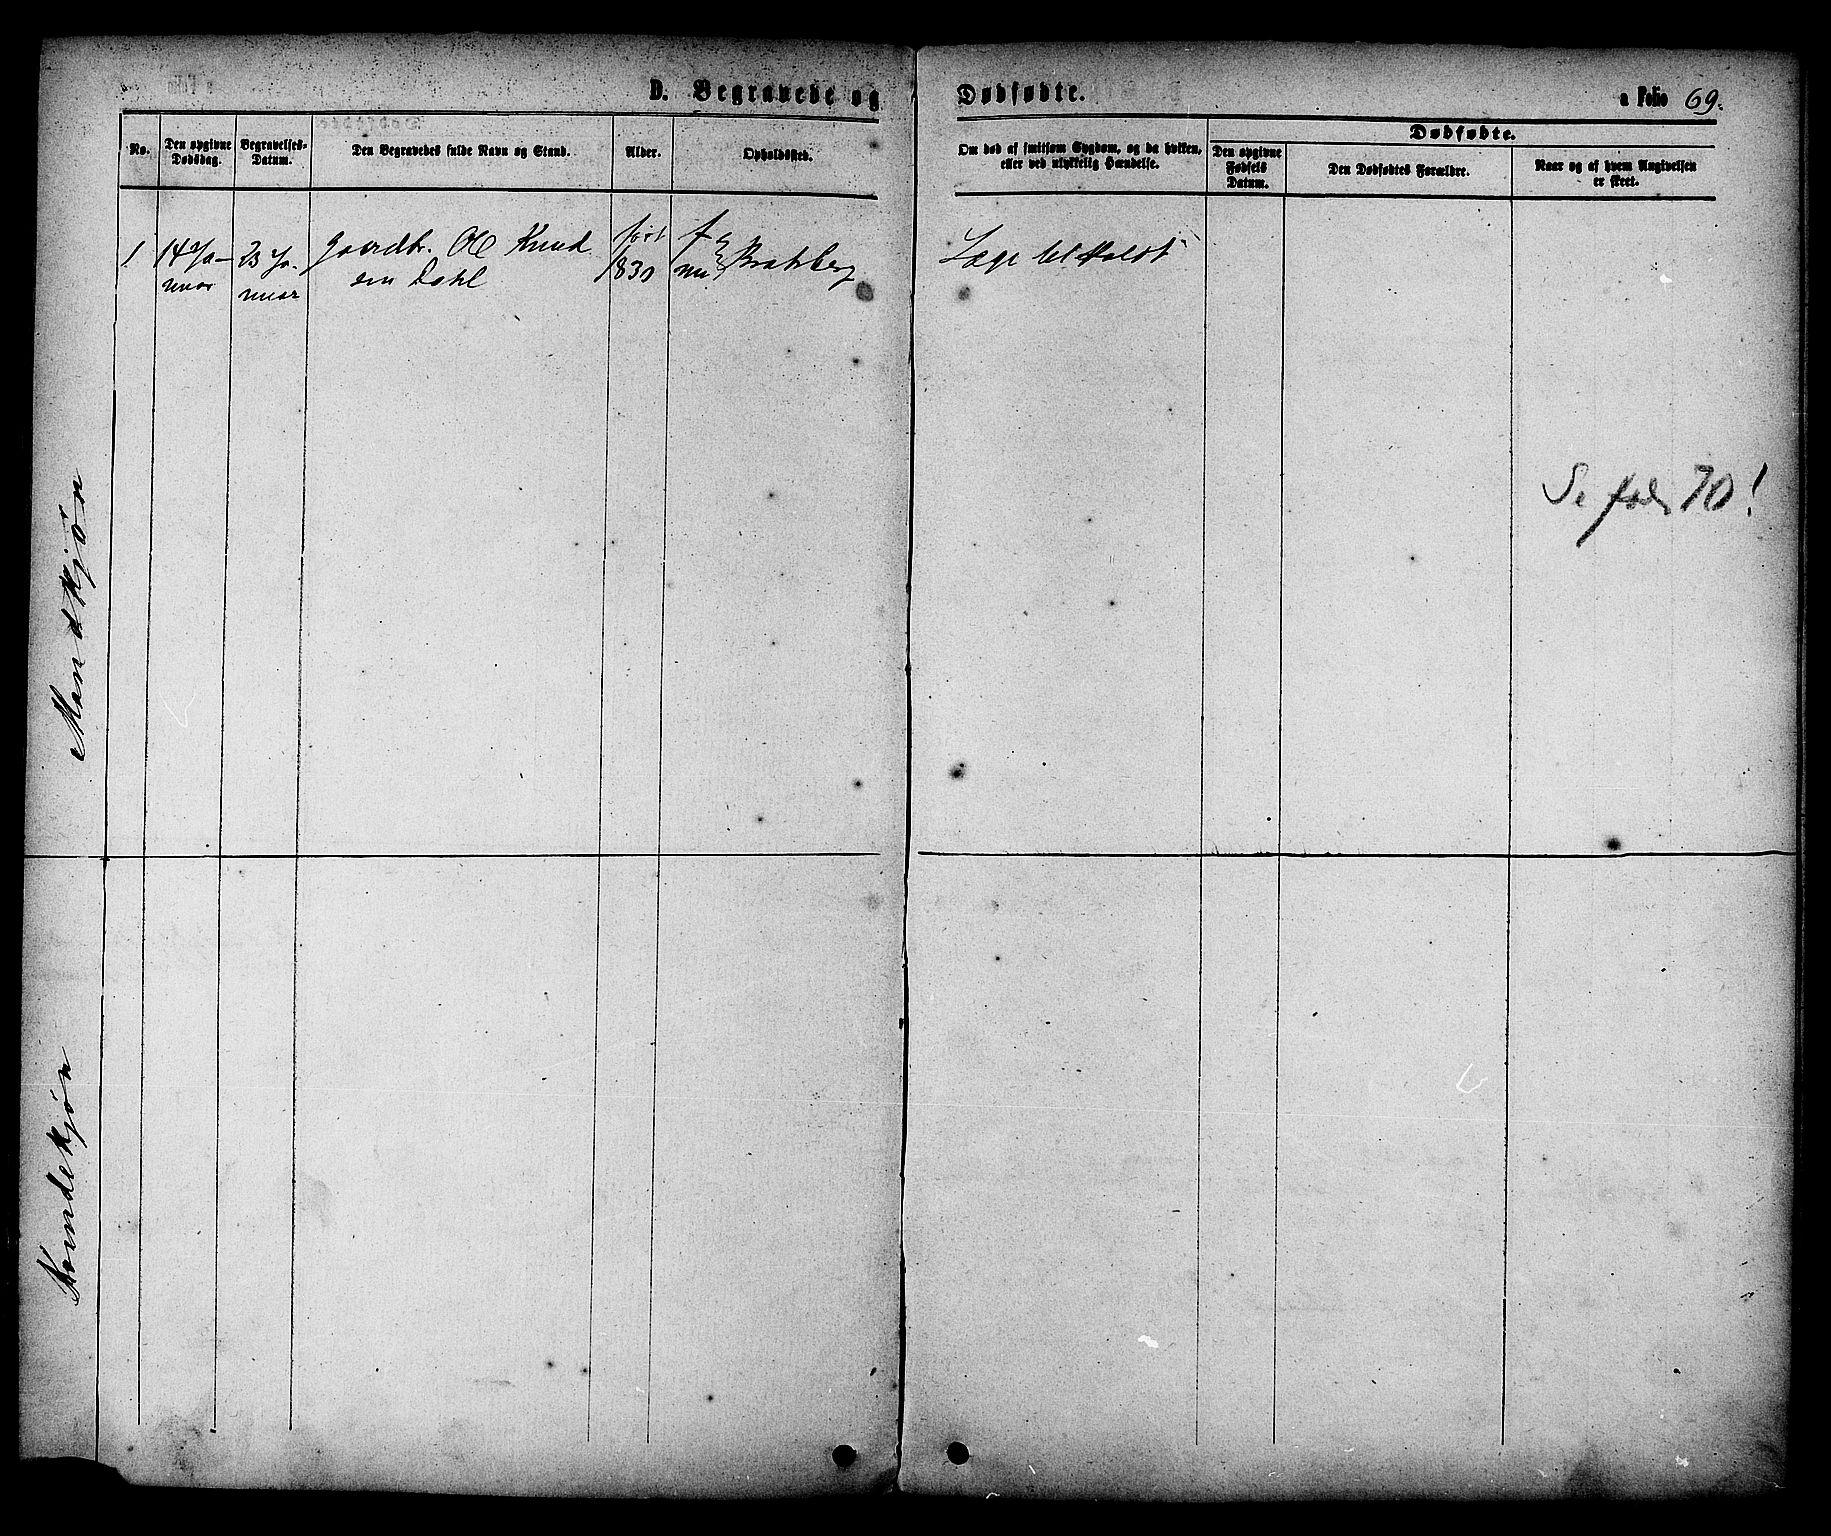 SAT, Ministerialprotokoller, klokkerbøker og fødselsregistre - Sør-Trøndelag, 608/L0334: Ministerialbok nr. 608A03, 1877-1886, s. 69